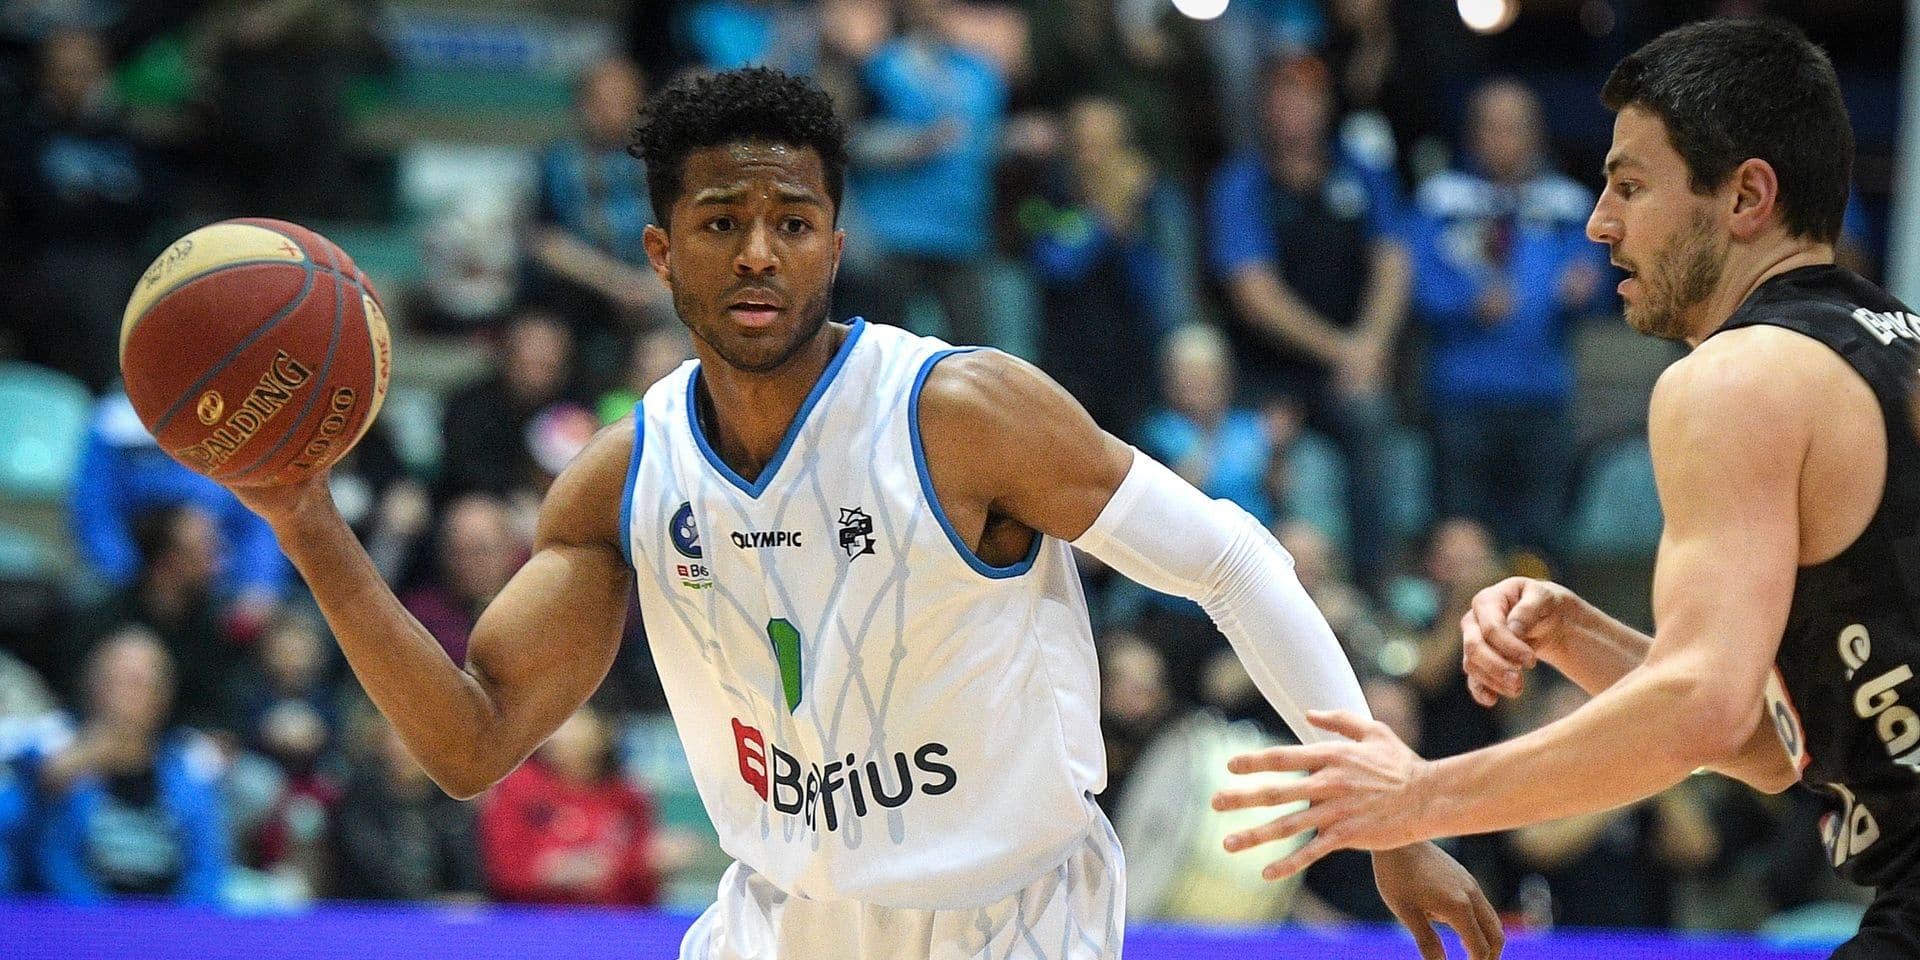 Arik Smith prolonge pour une saison à Mons-Hainaut